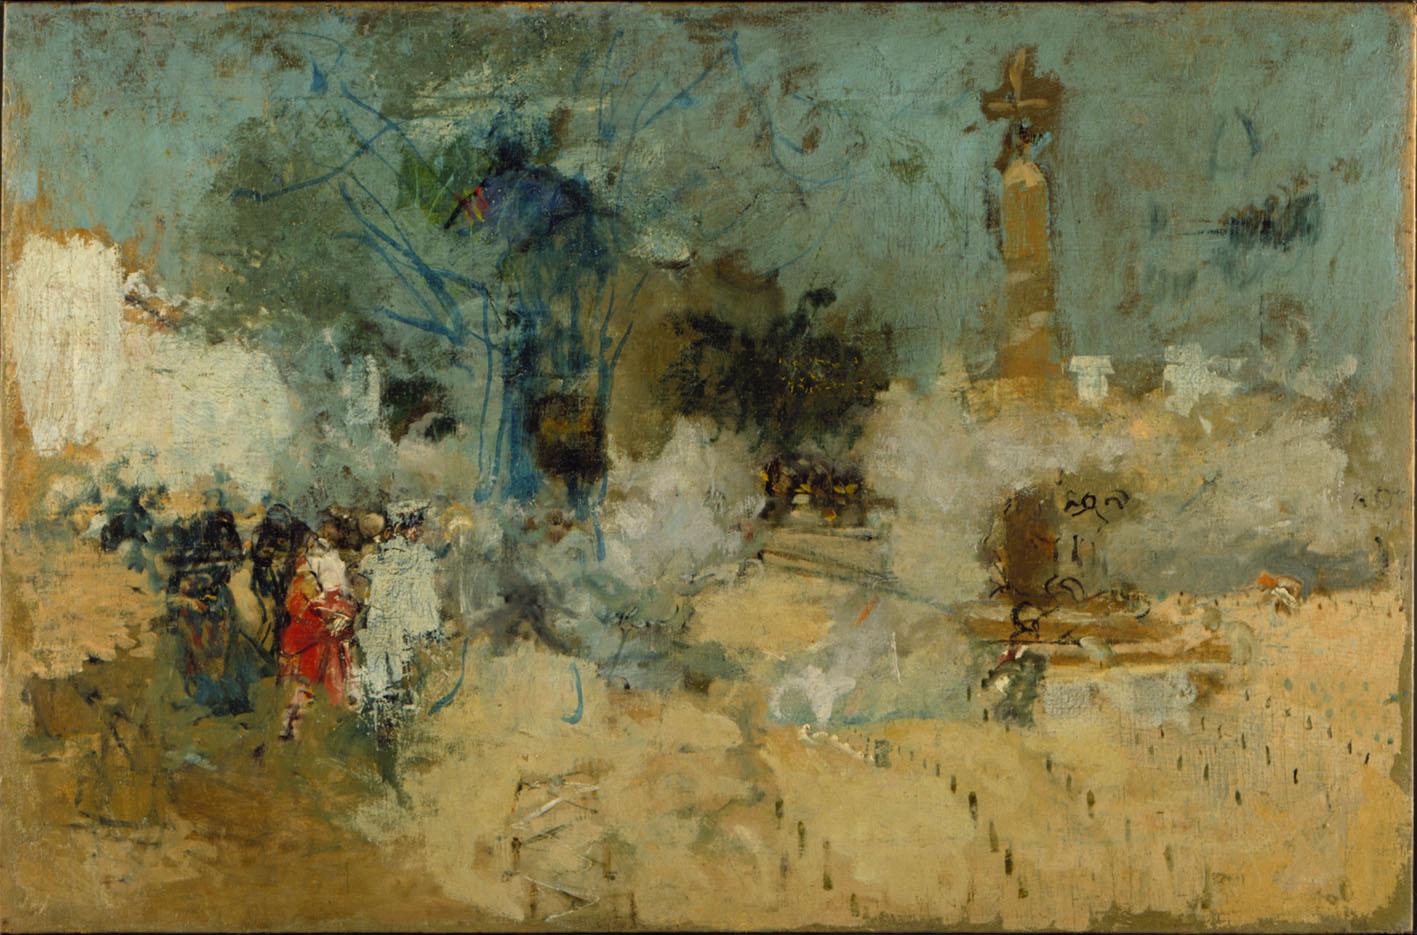 """Ignacio Pinazo, sin fecha (se cree que es de finales del siglo XIX), obra titulada """"Mascletà"""", expuesta en el IVAM."""